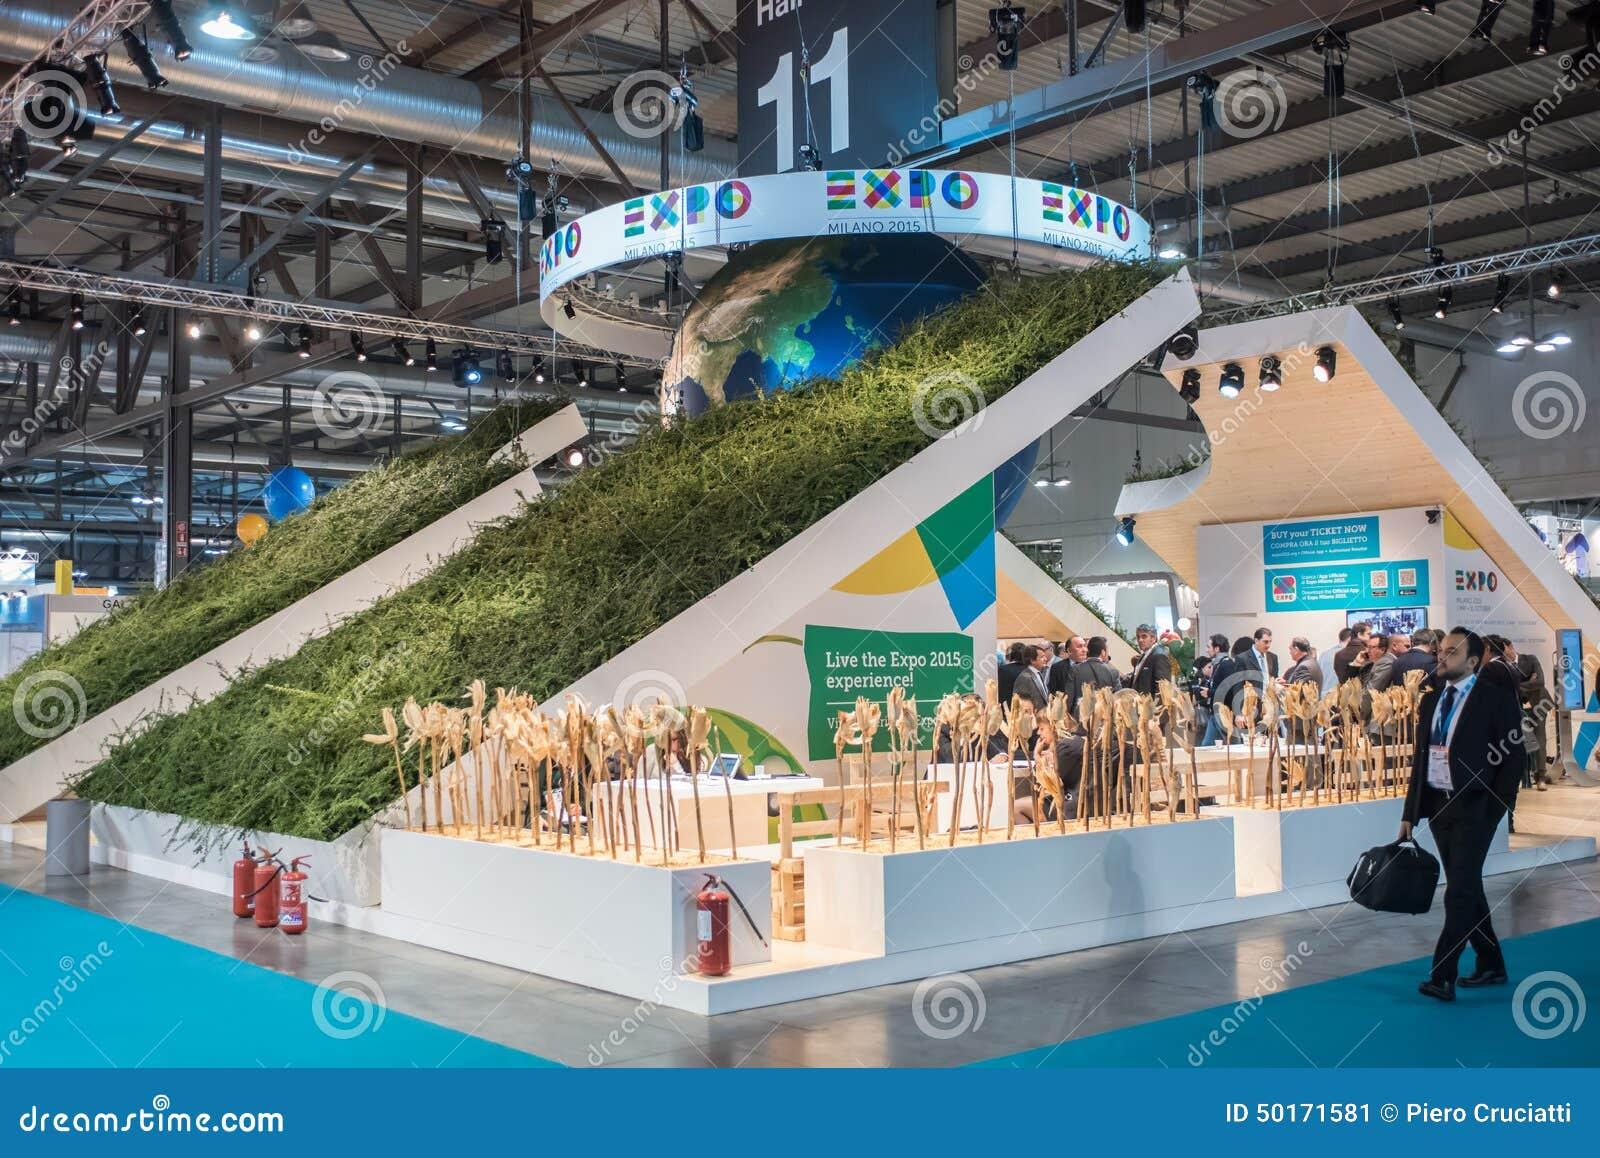 Expo Milano Stands : Supporto dell expo al pezzo milano italia fotografia